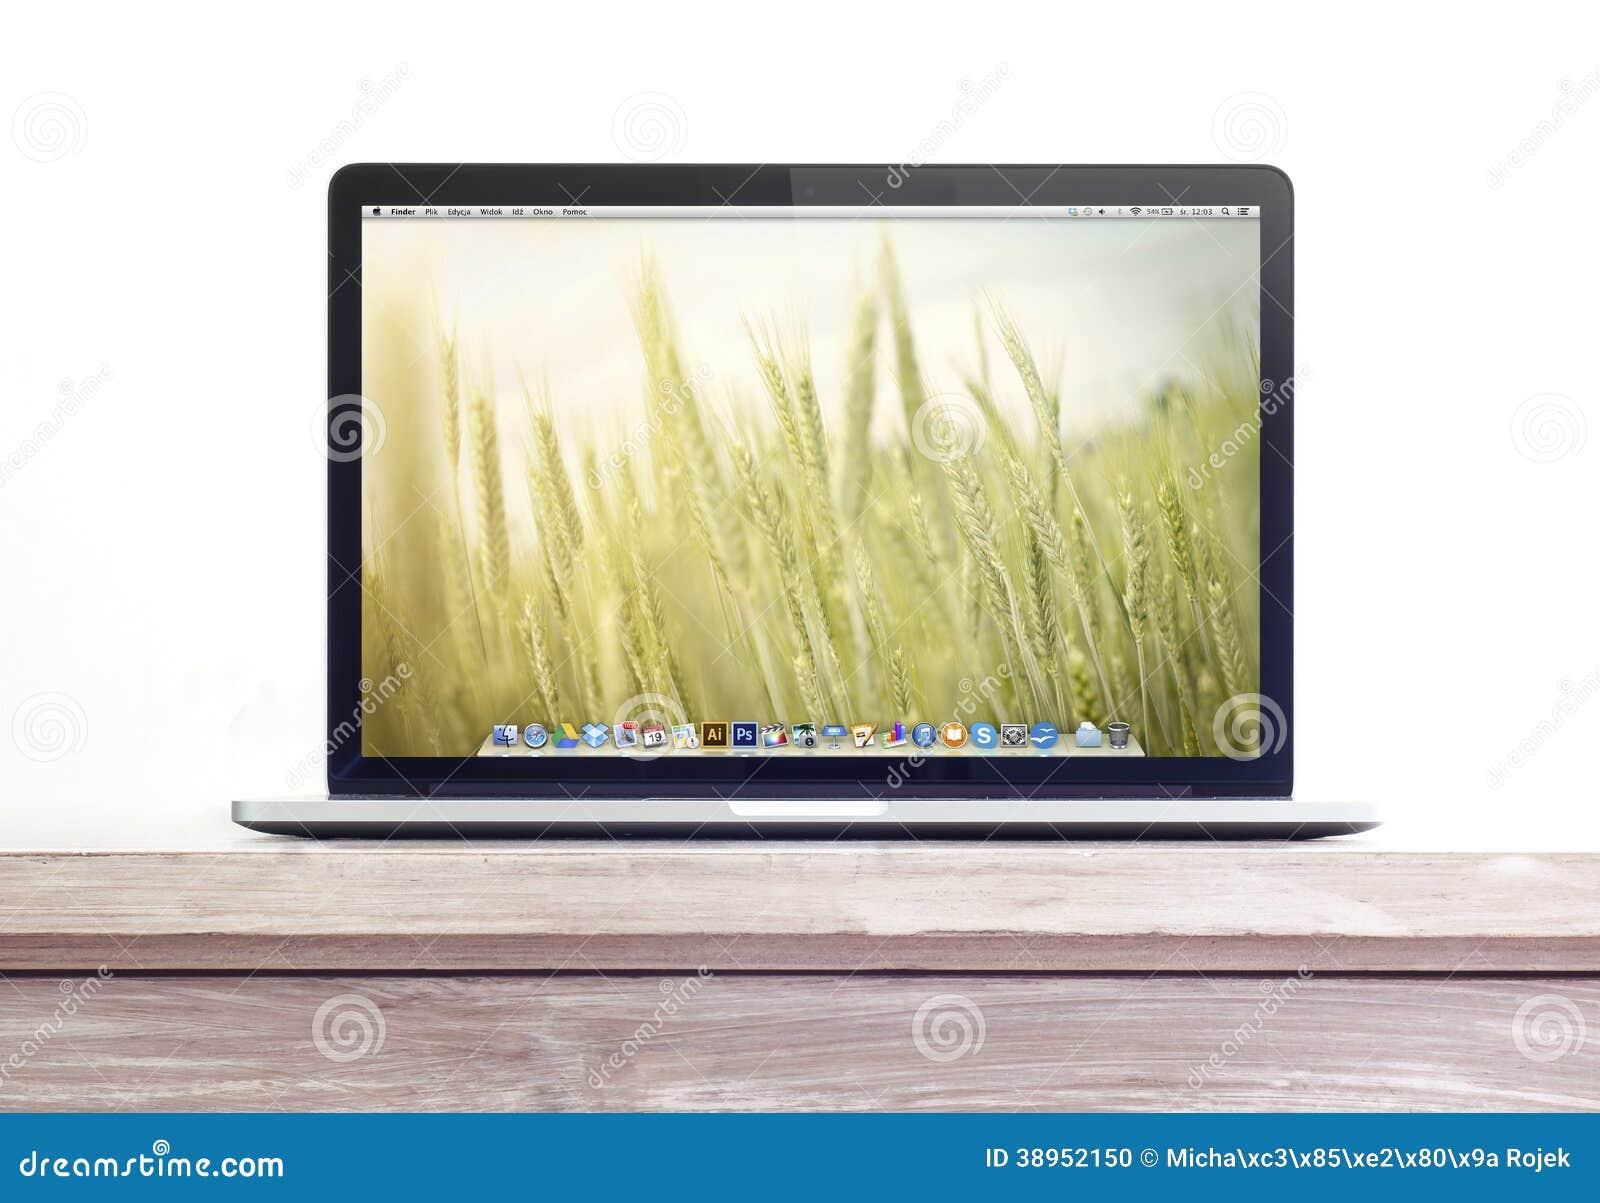 Proretina macbook auf dem schreibtisch redaktionelles bild for Schreibtisch yosemite